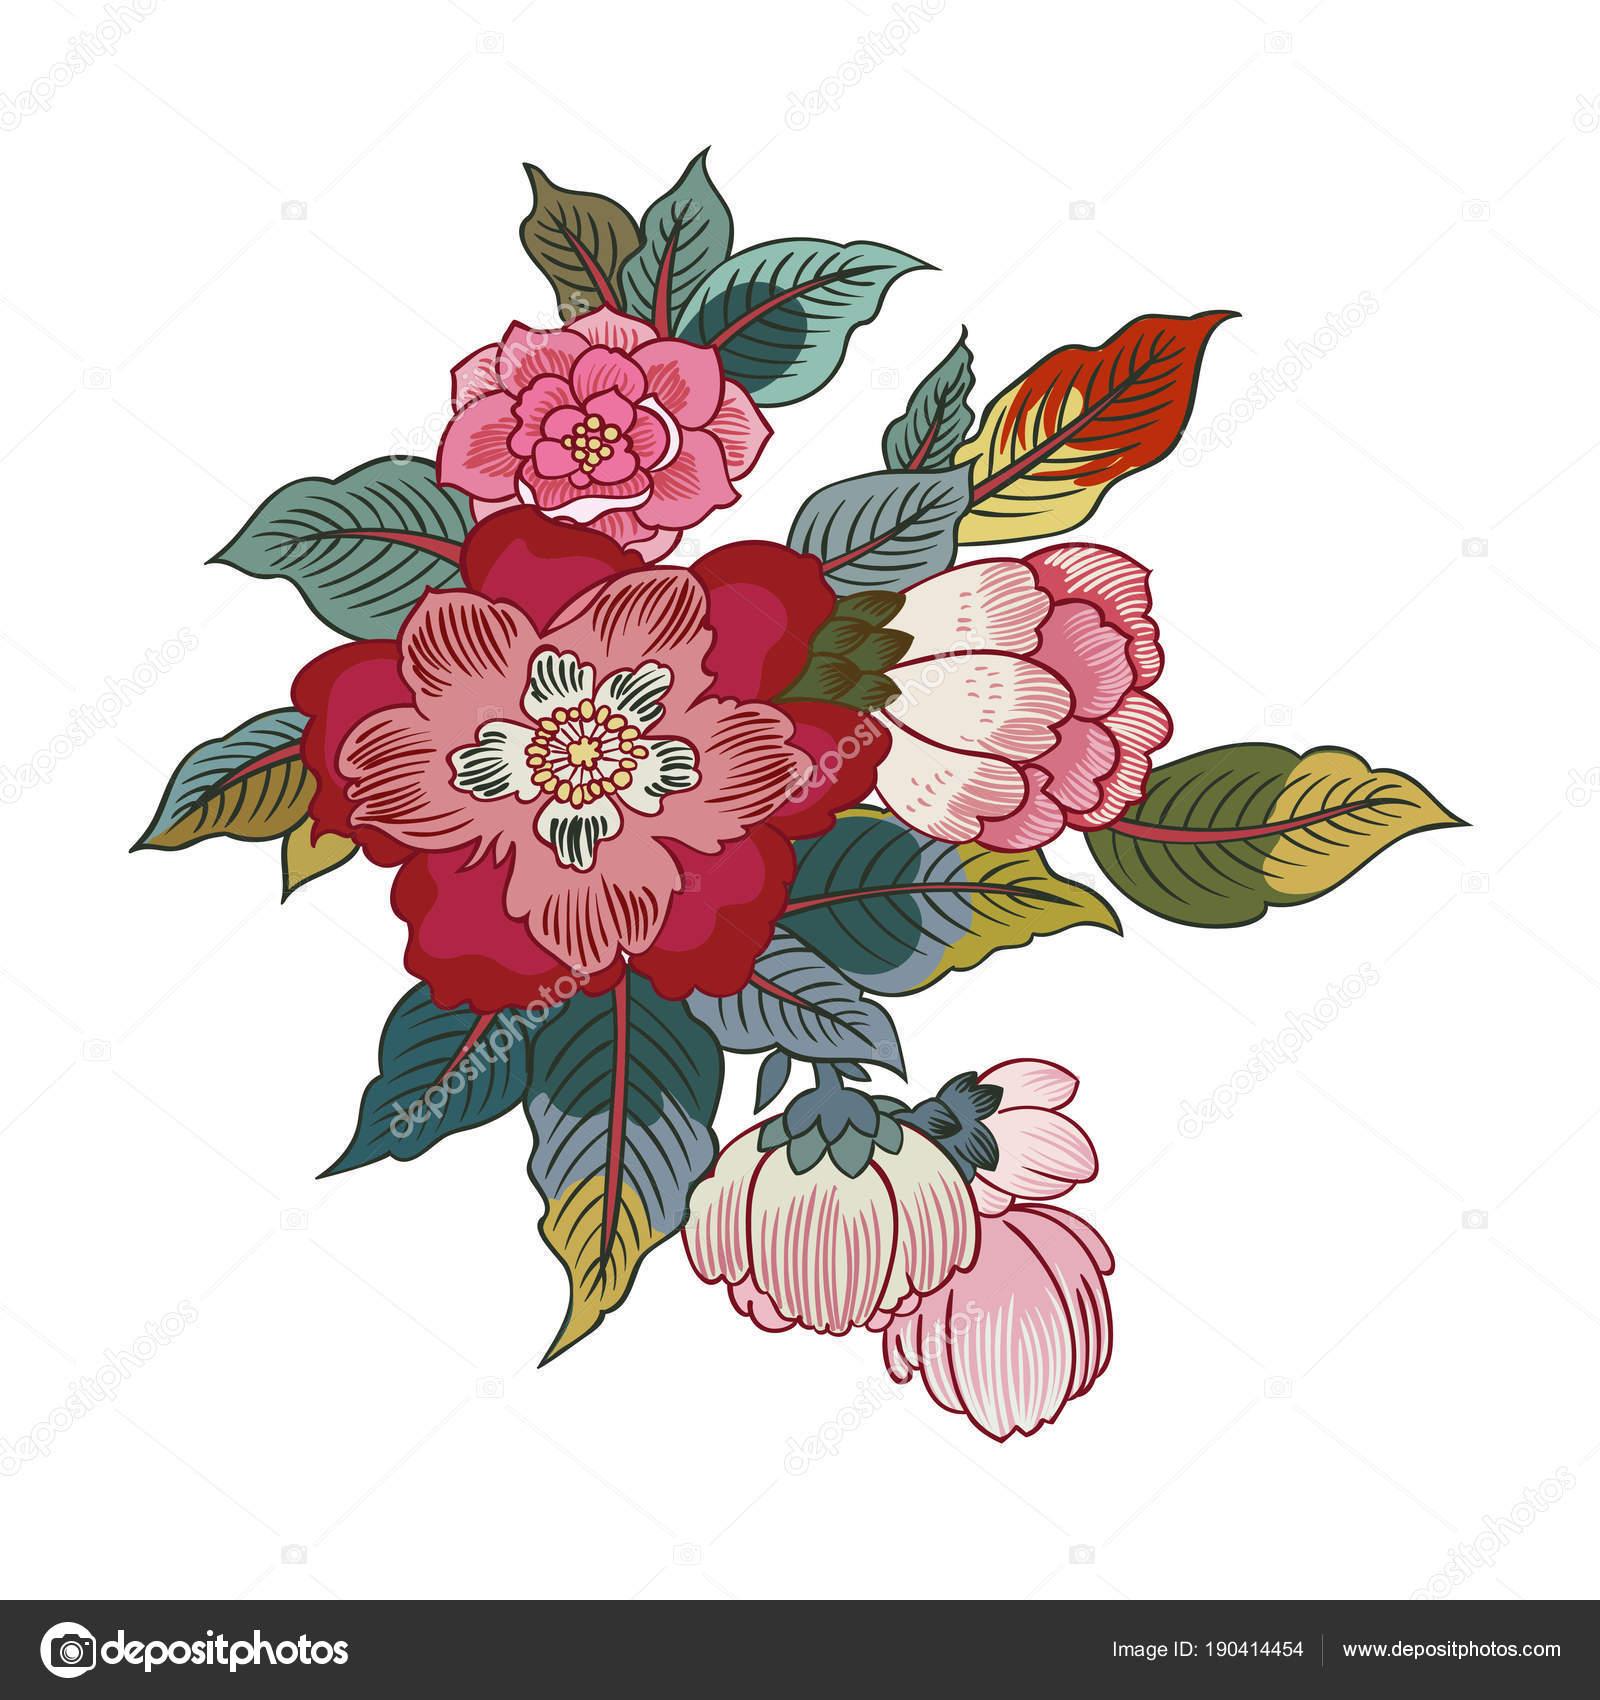 Disegni Fiori.Disegni Fiori Esotici Disegno Illustrazione Vettoriale Fiori